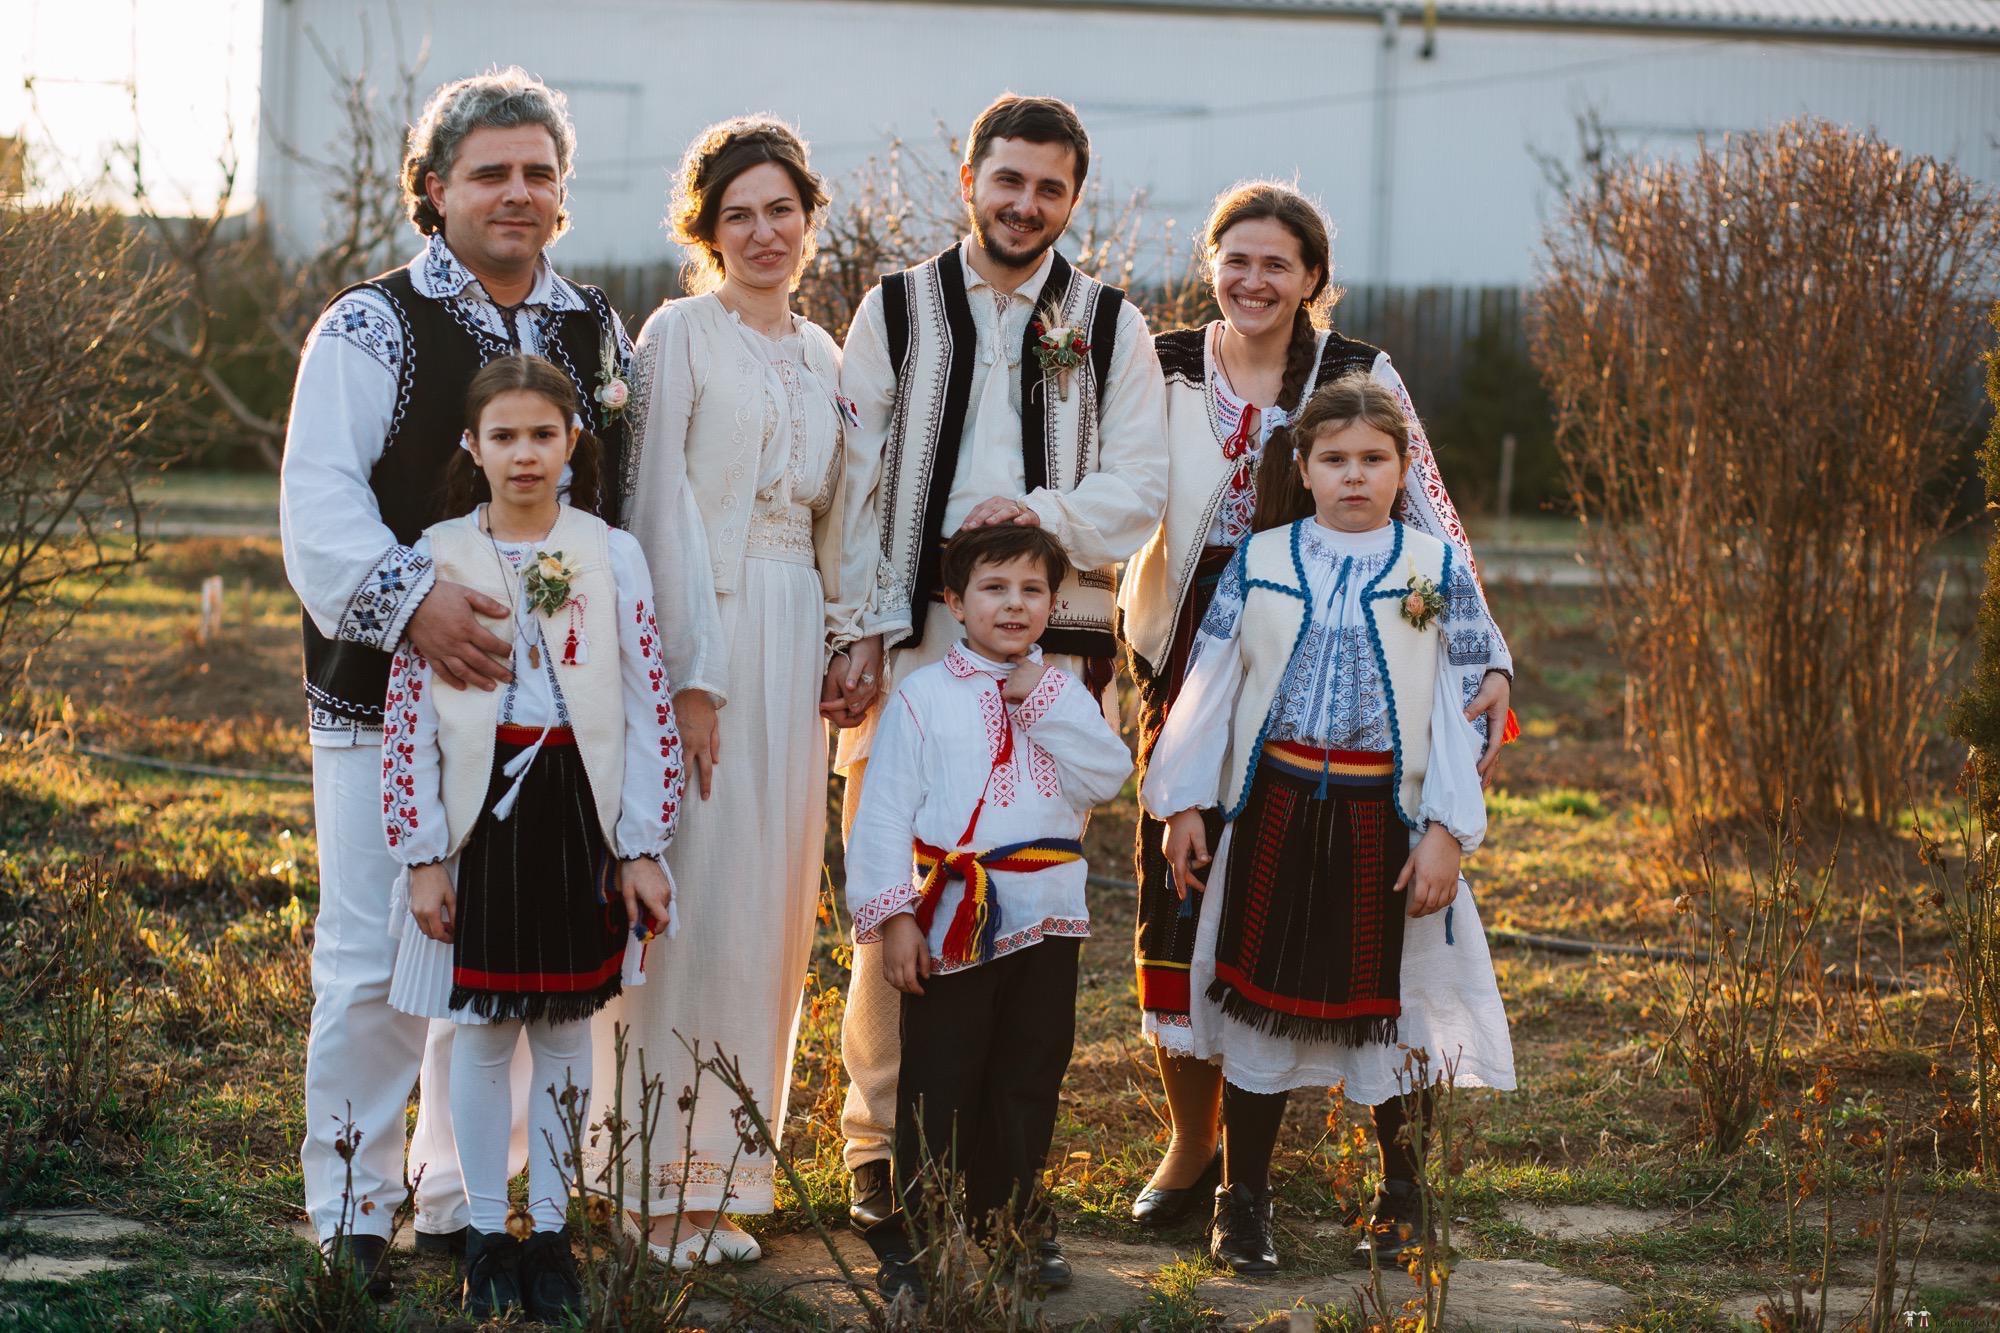 Povești Nunți Tradiționale - Gabriela și Adrian. Nuntă tradițională în Piatra Neamț 43